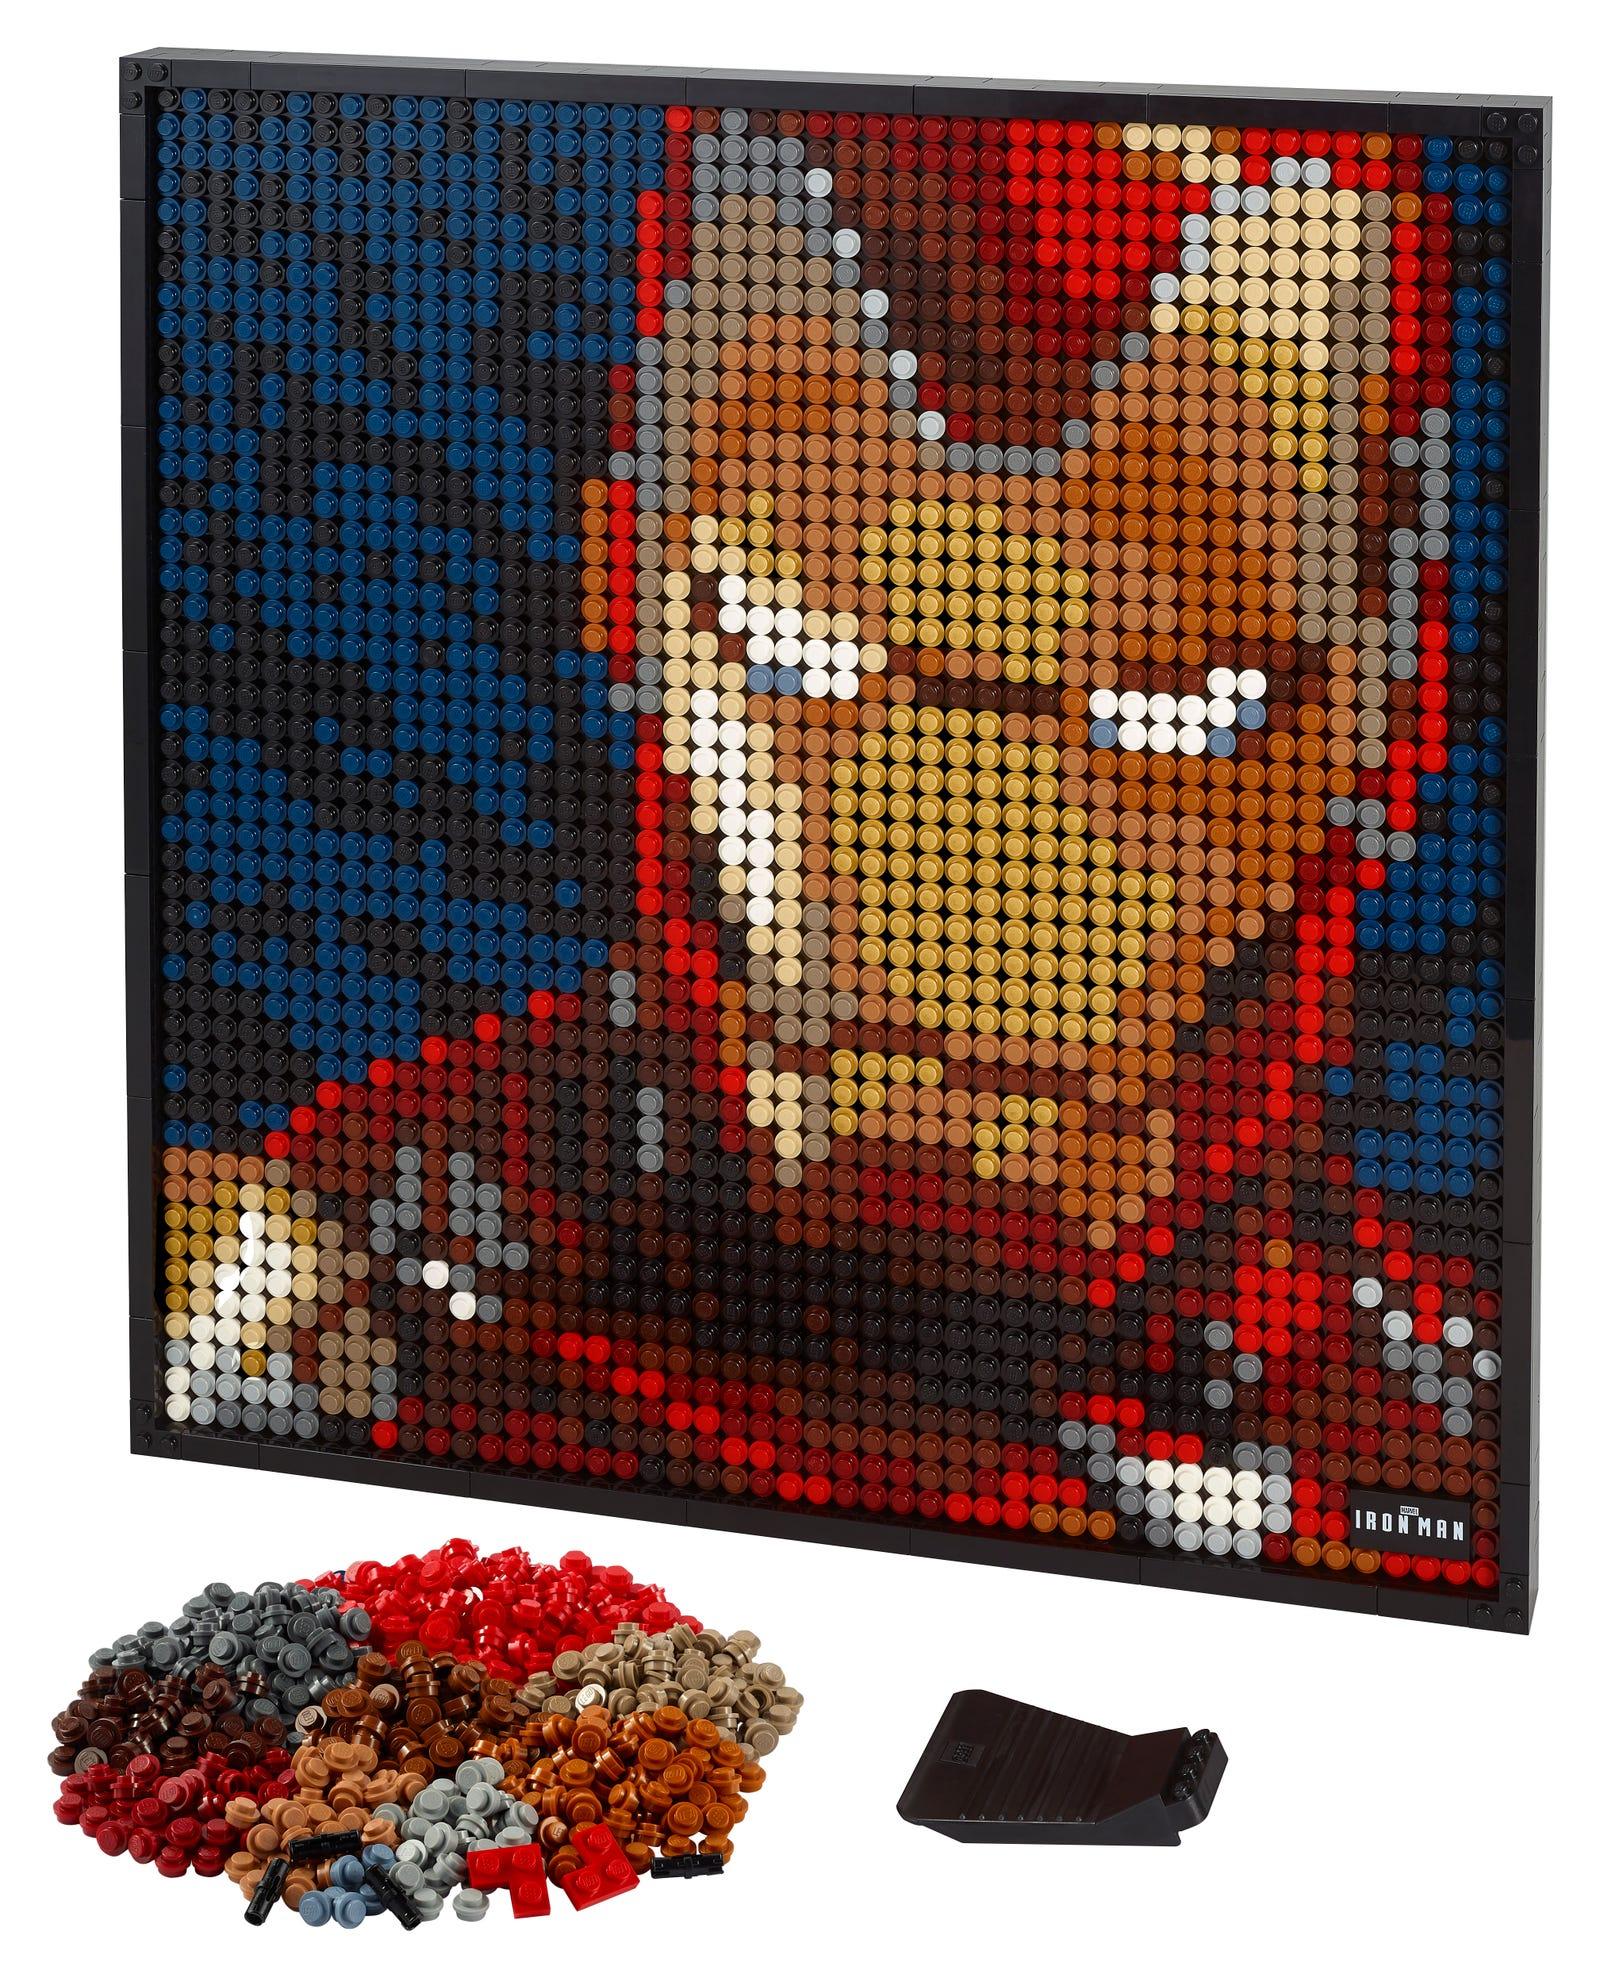 The Lego Art Iron Man.